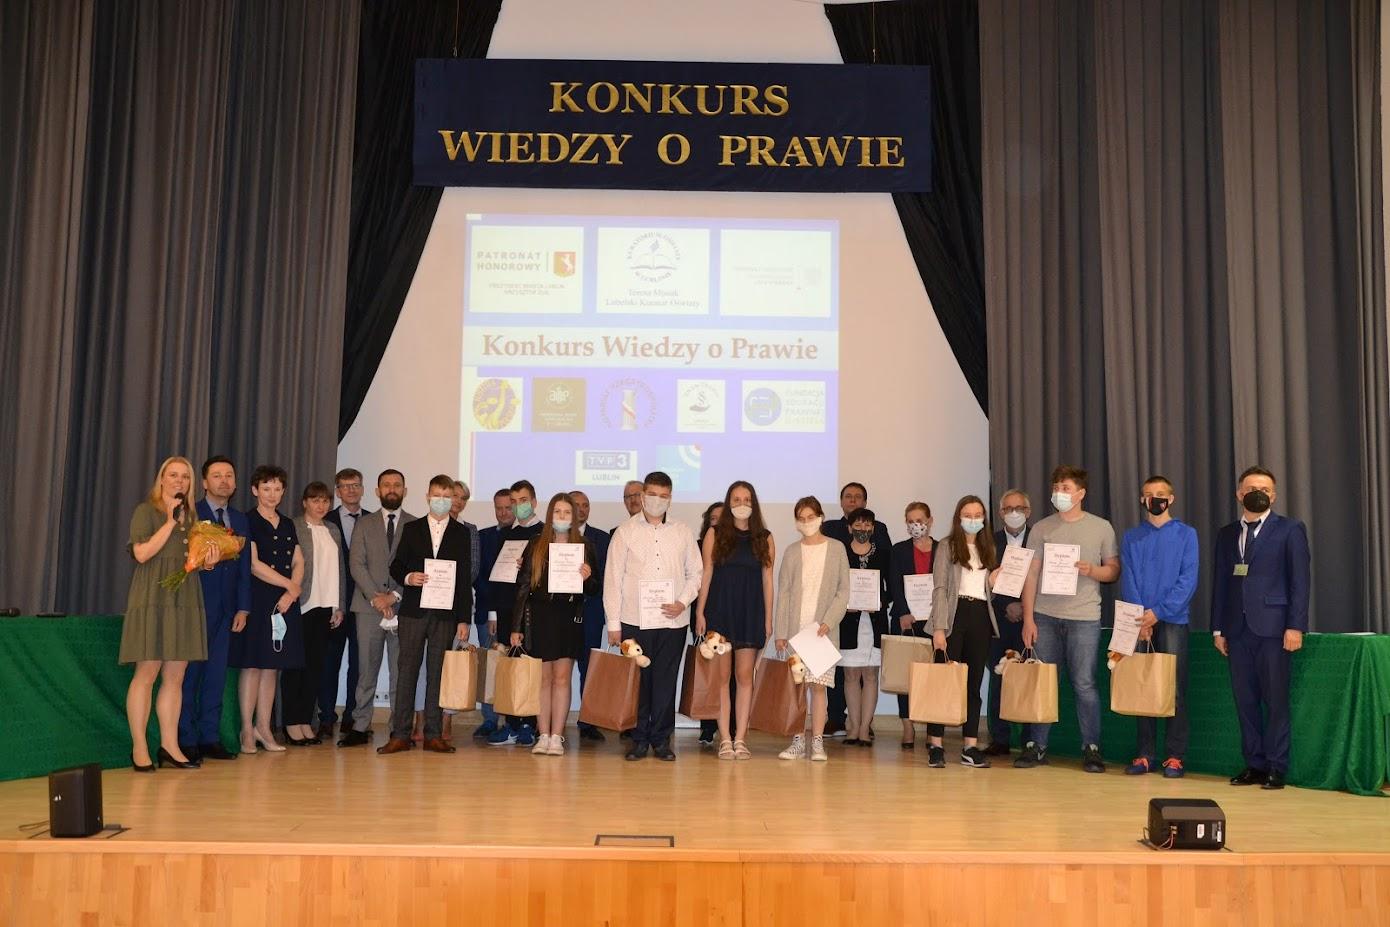 II miejsce uczniów naszej szkoły w Konkursie Wiedzy o Prawie pod patronatem Prezydenta Miasta Lublin i Lubelskiego Kuratora Oświaty